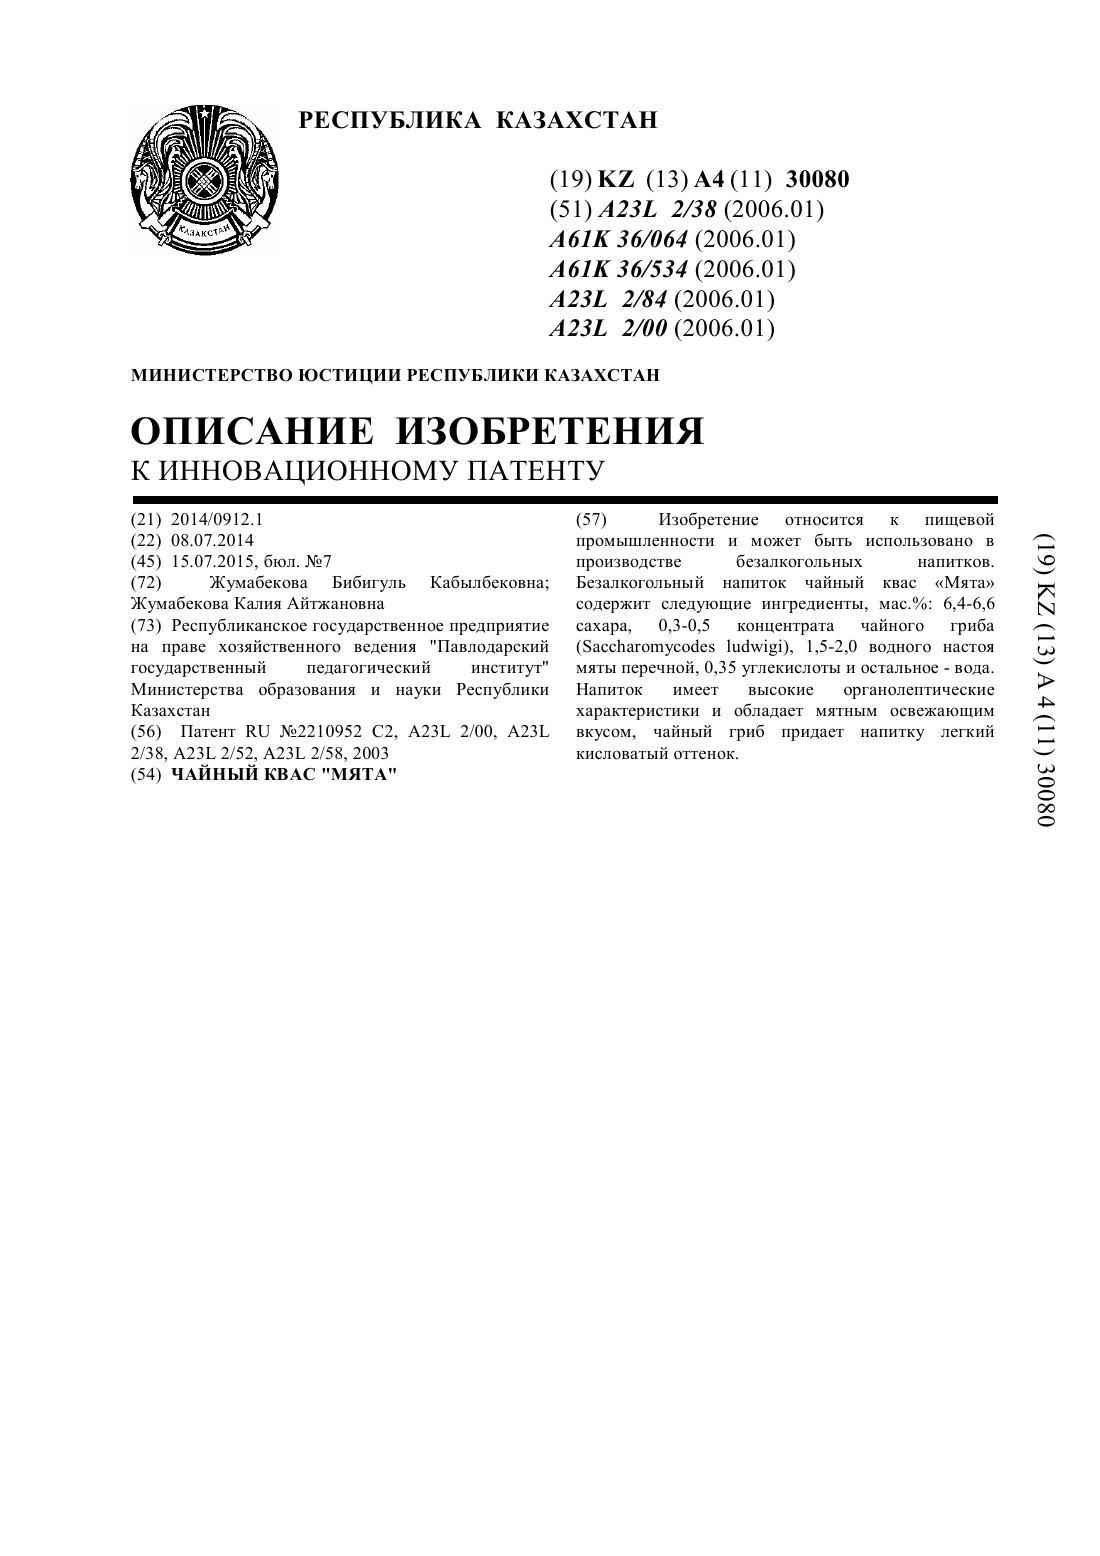 Транспортно - логистическая компания в Санкт - Петербурге